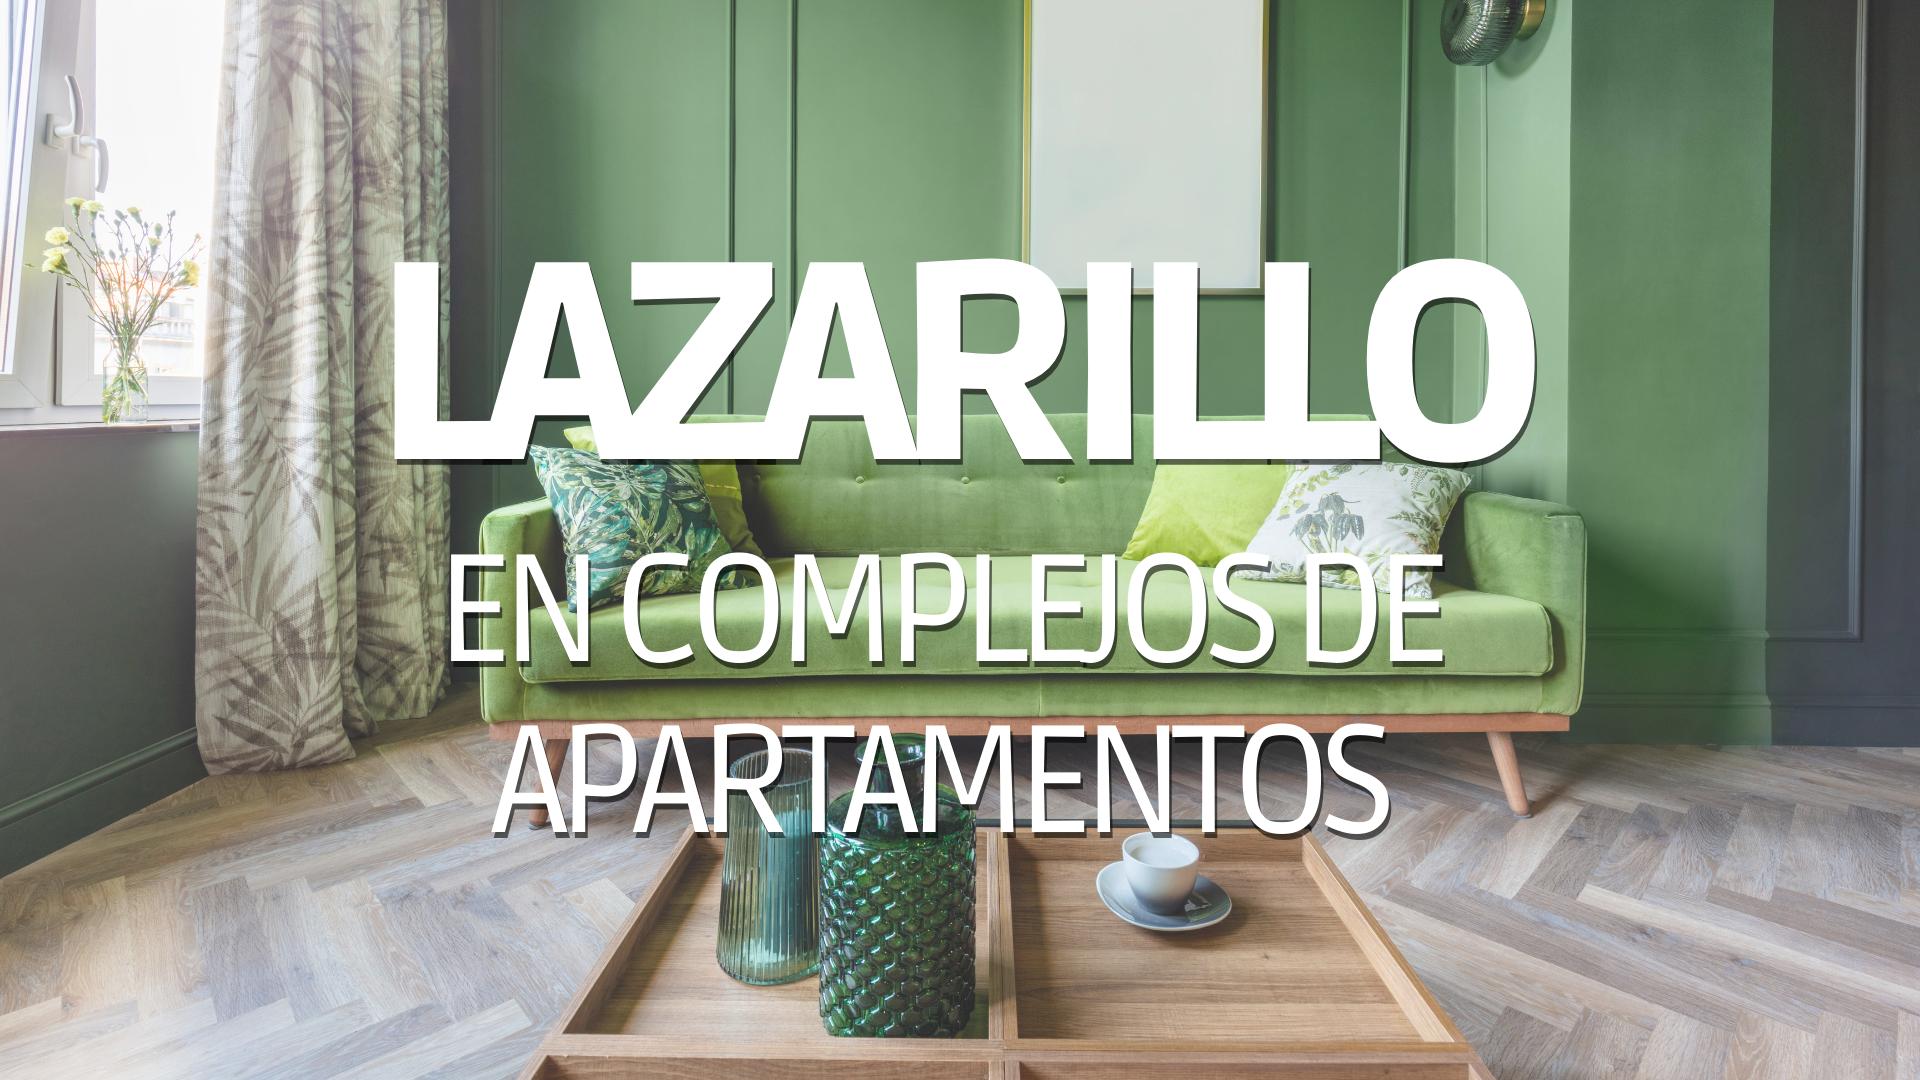 Sala de apartamento con texto encima de Lazarillo en complejos de apartamentos